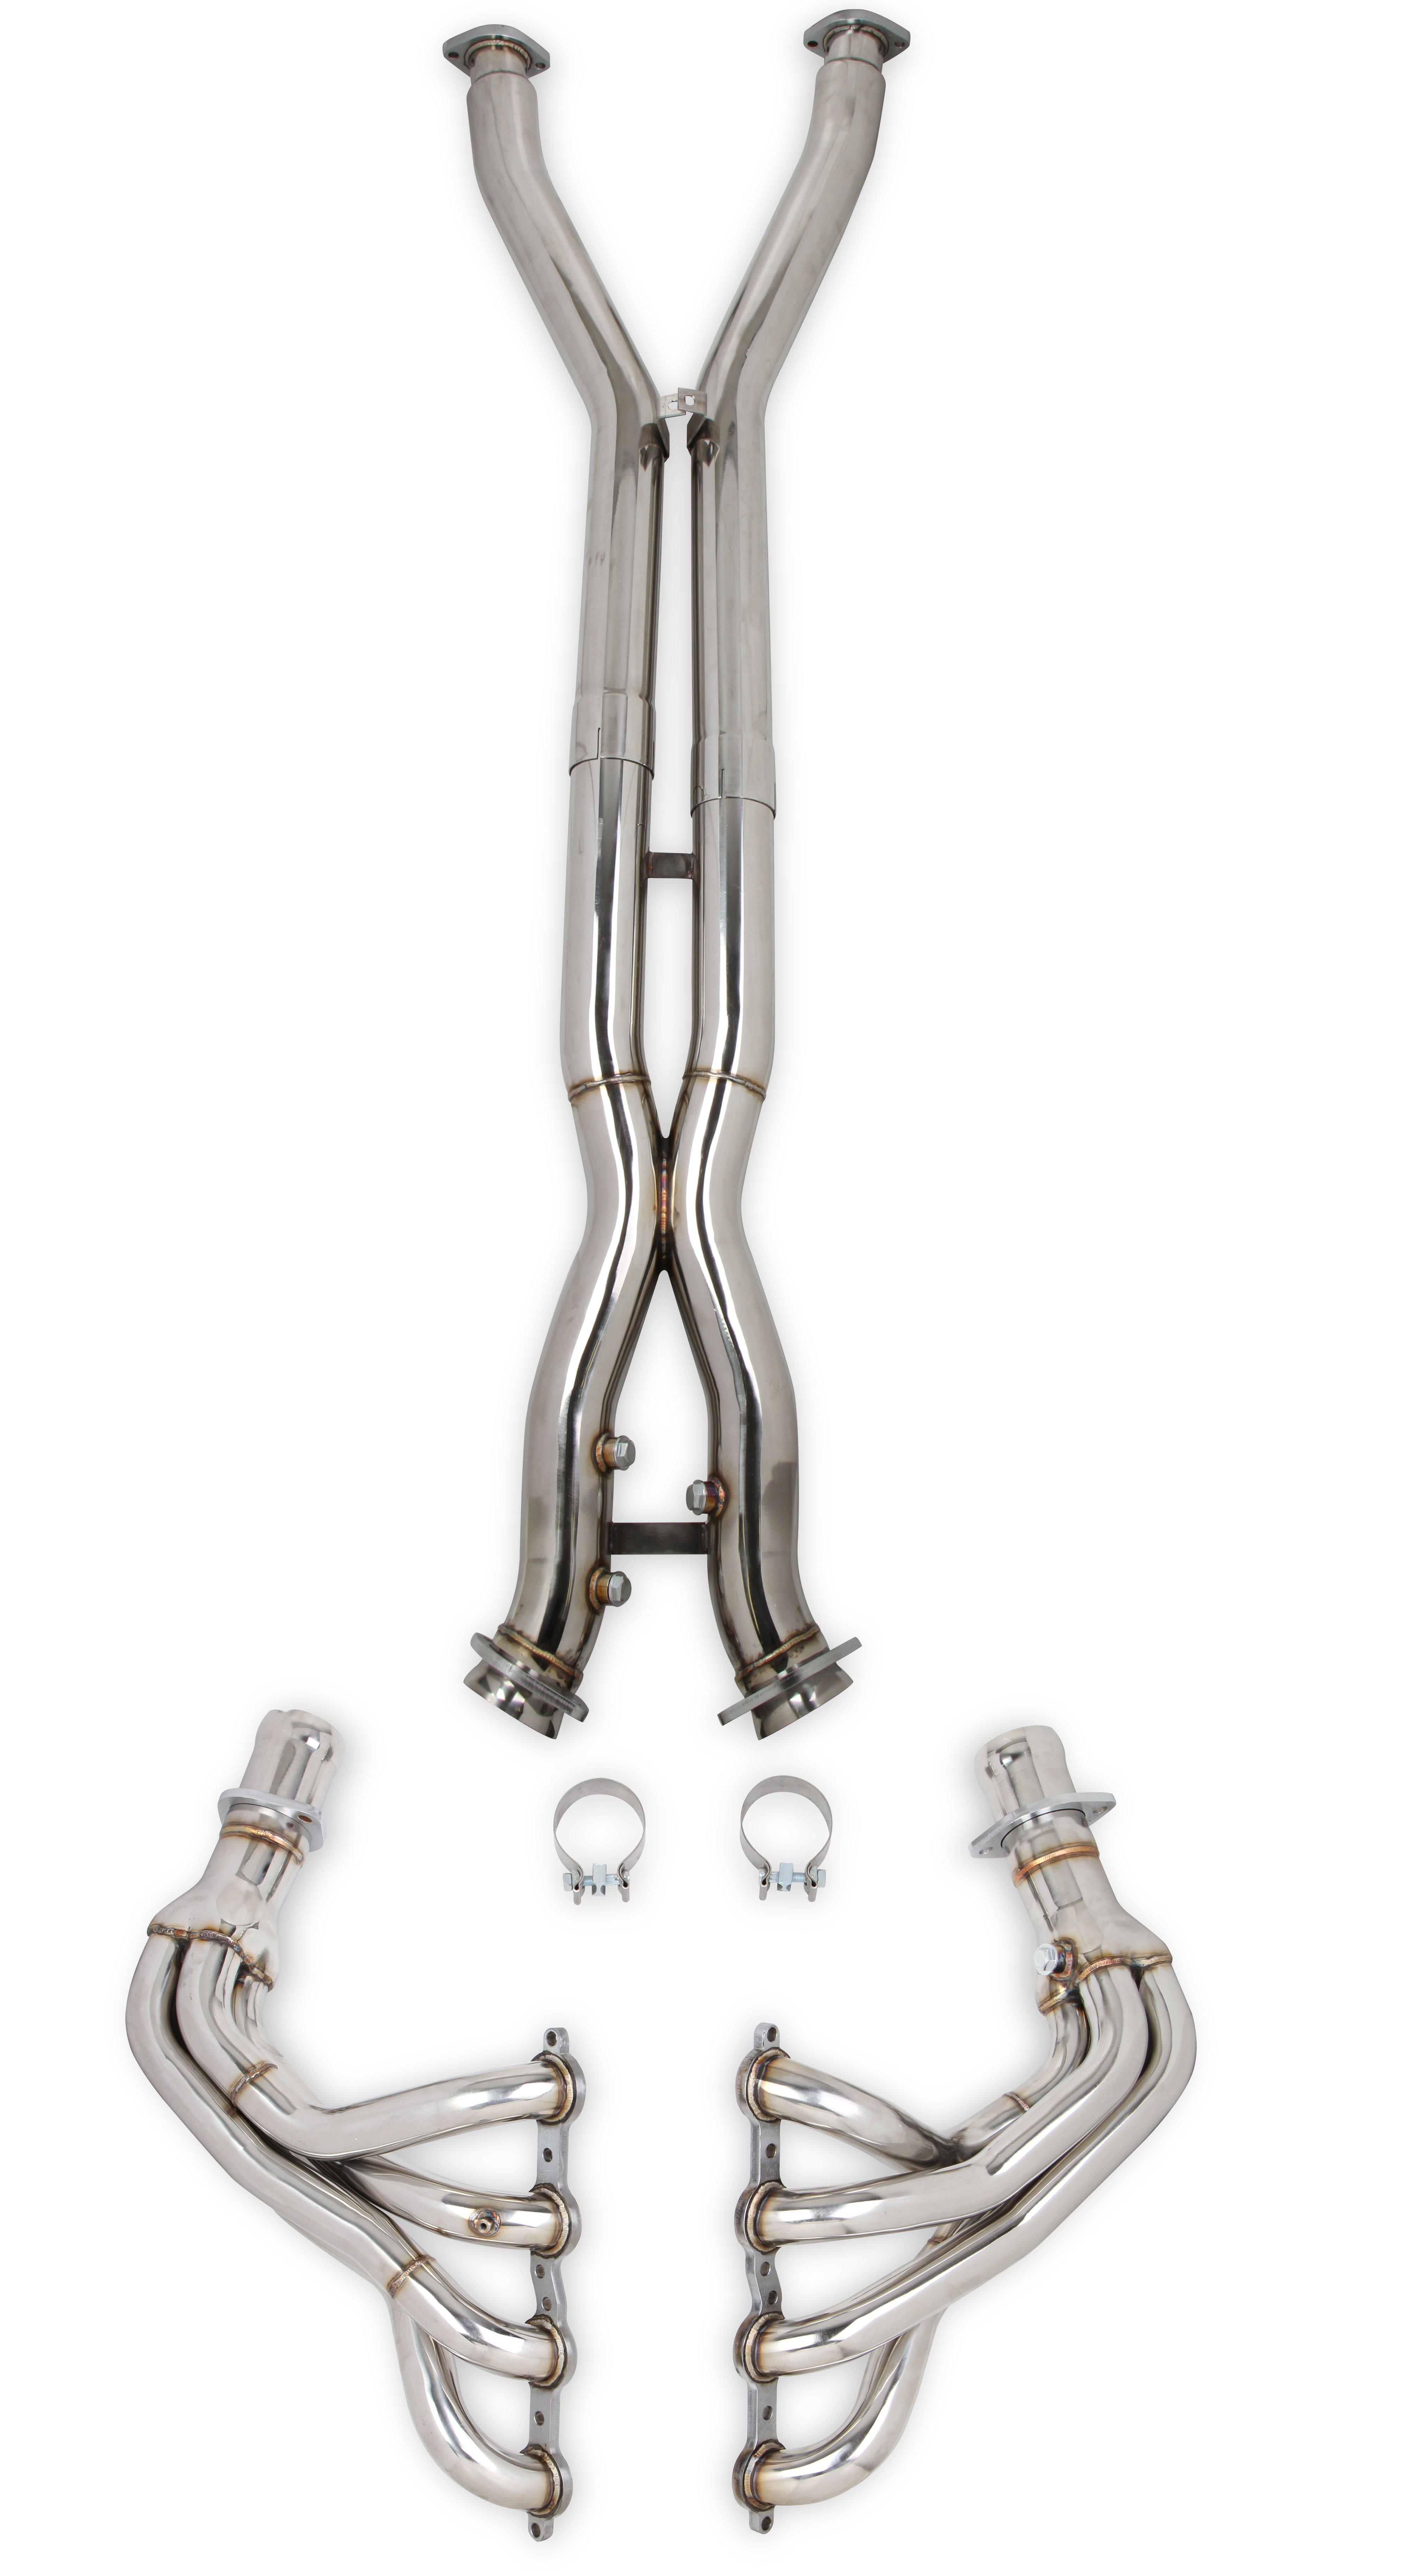 Flowtech Flt Flowtech C5 Corvette Long Tube Headers